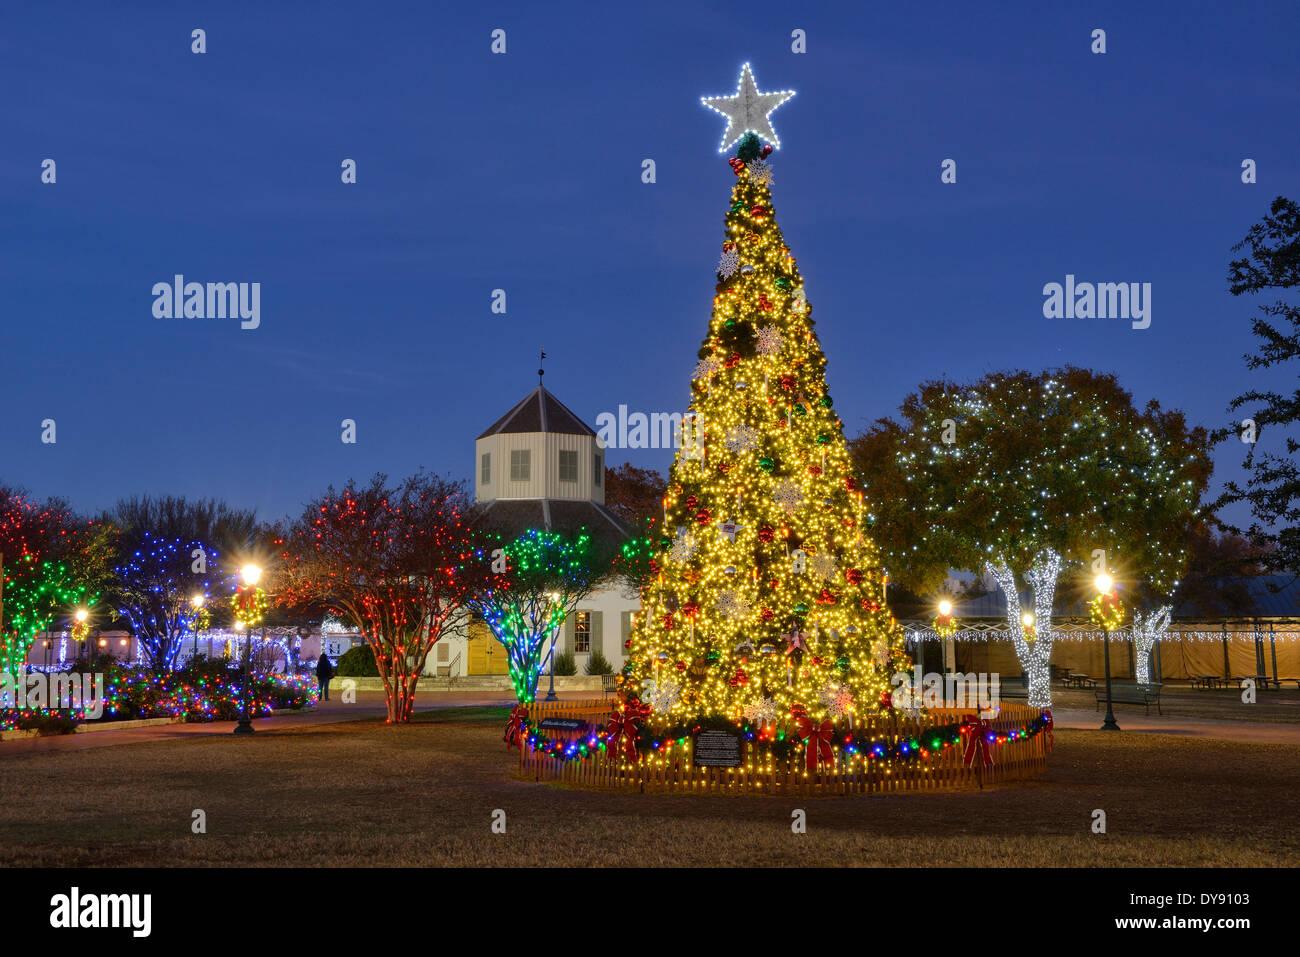 Texas Christmas Tree Stockfotos & Texas Christmas Tree Bilder - Alamy